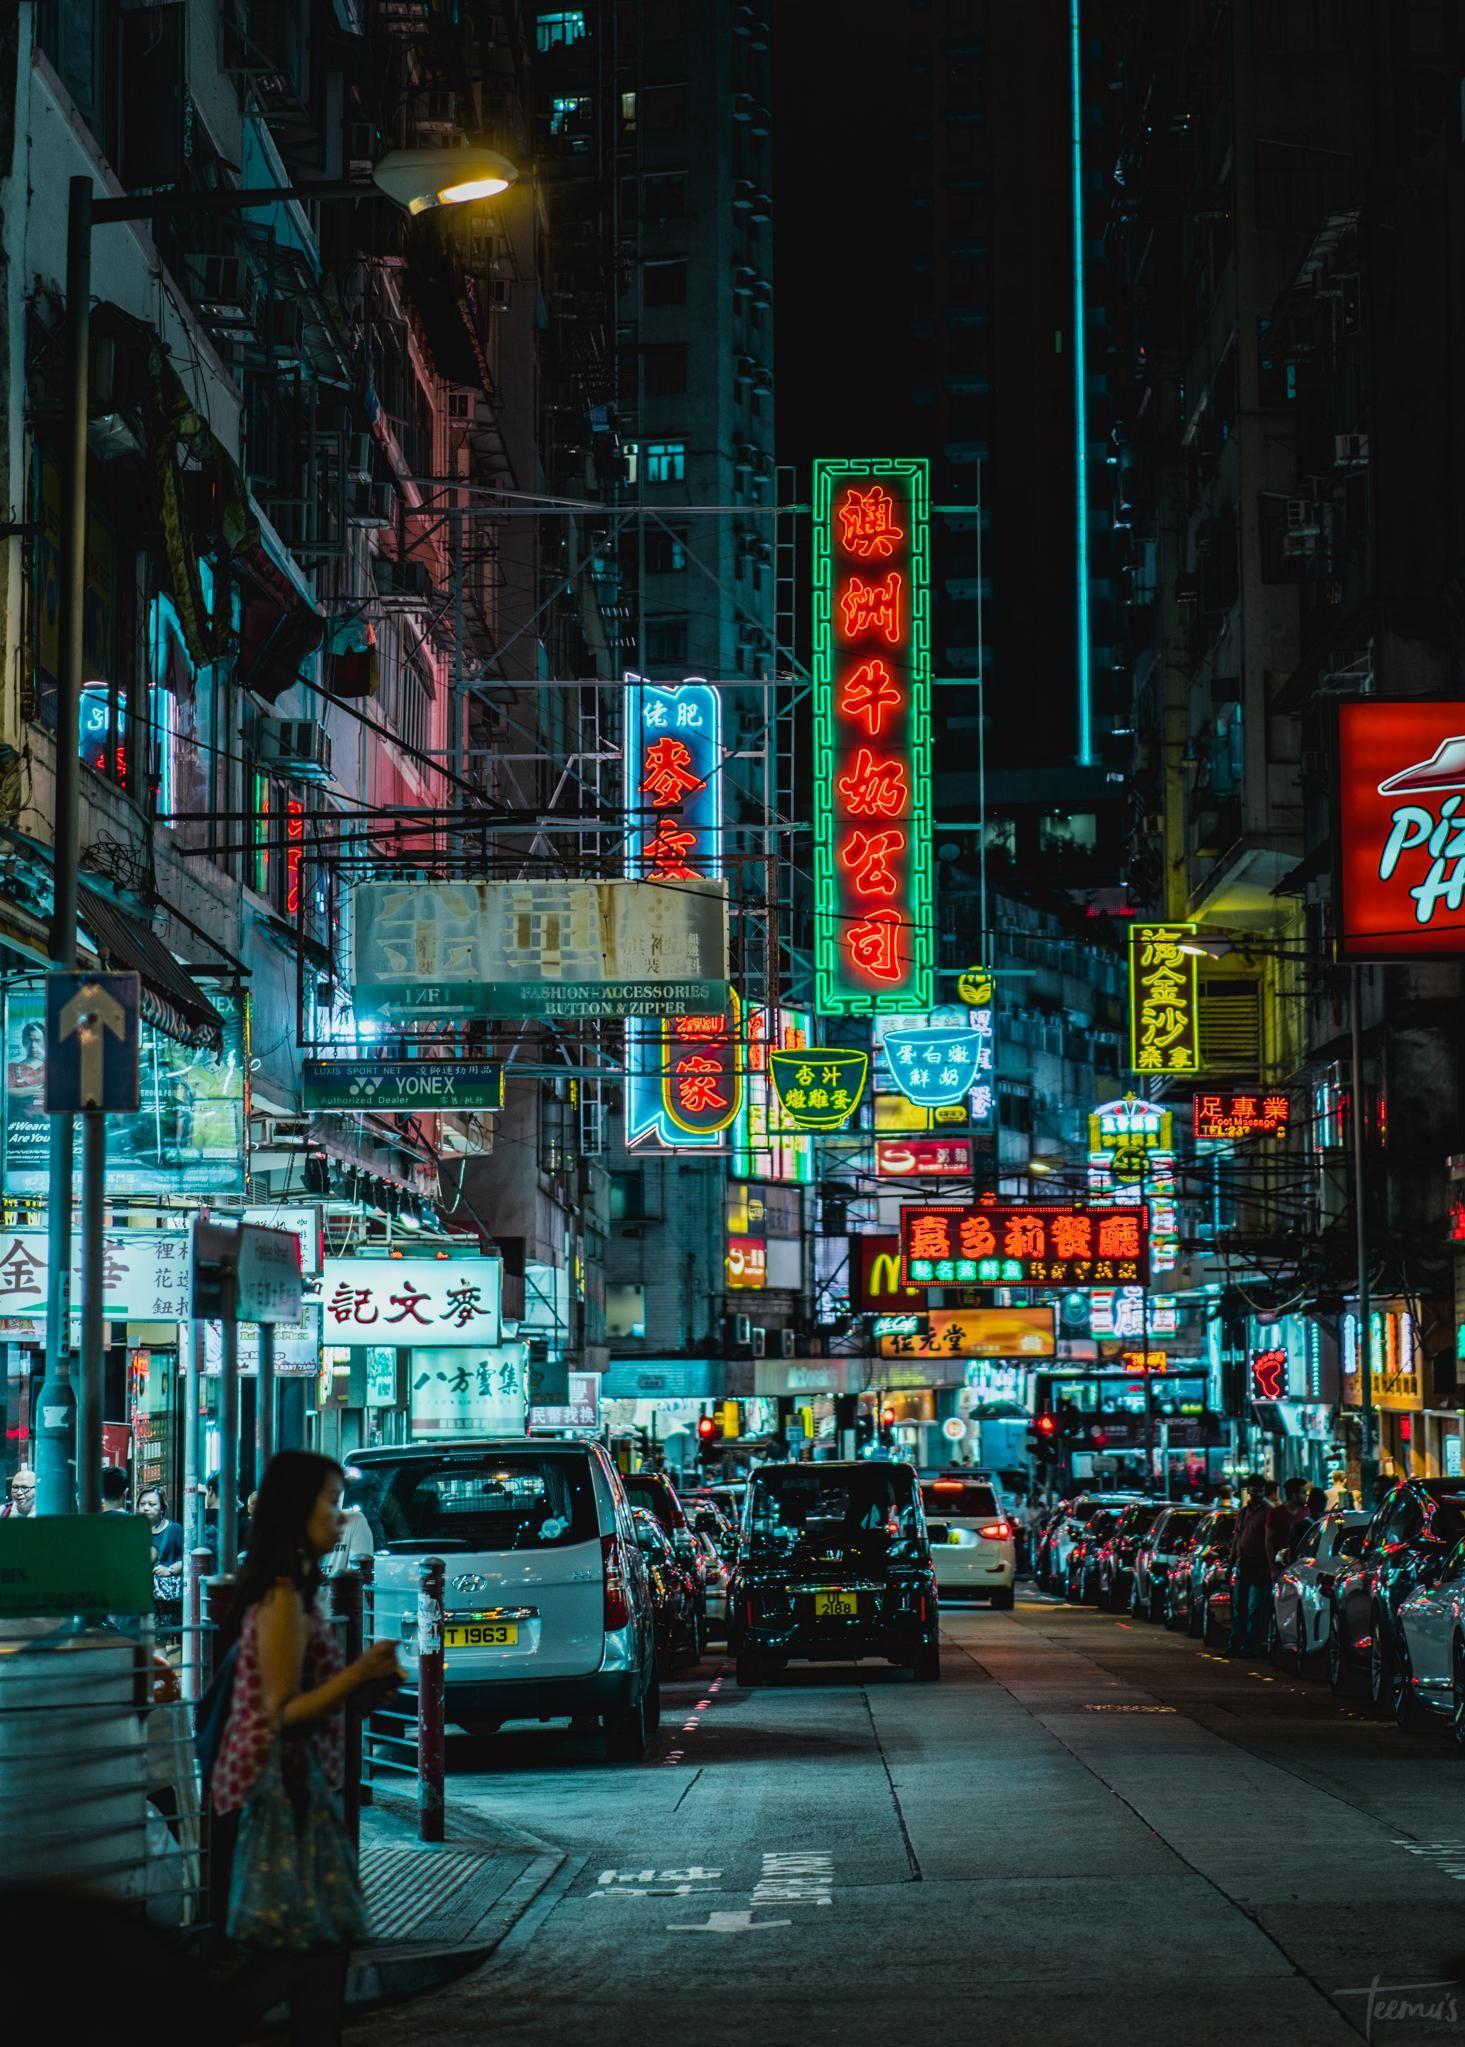 10 Best Markets in Hong Kong - Condé Nast Traveler |Hong Kong Street